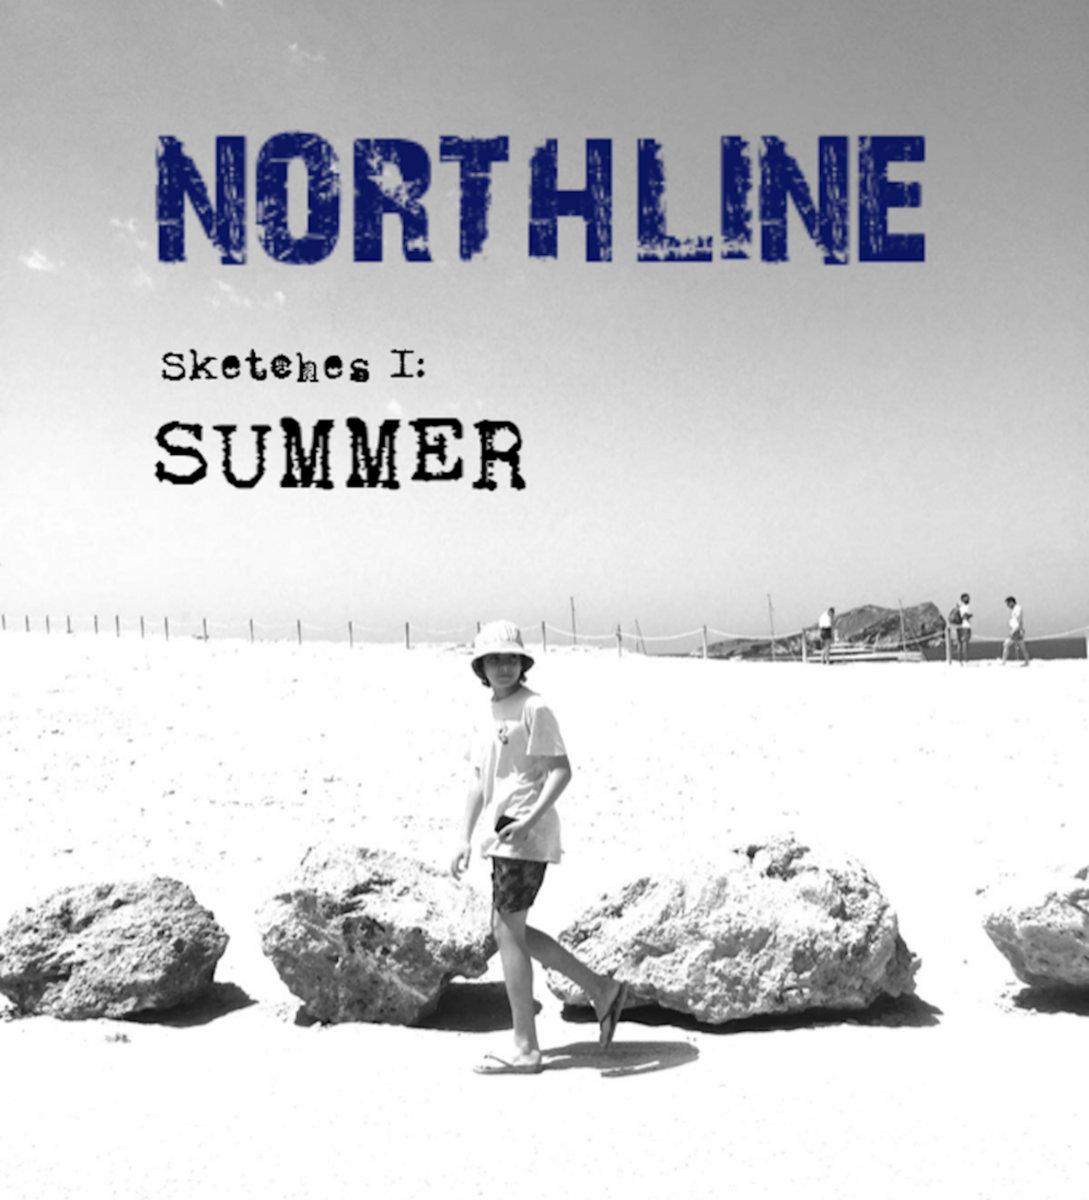 Sketches I: SUMMER, nuevo EP de Northline.